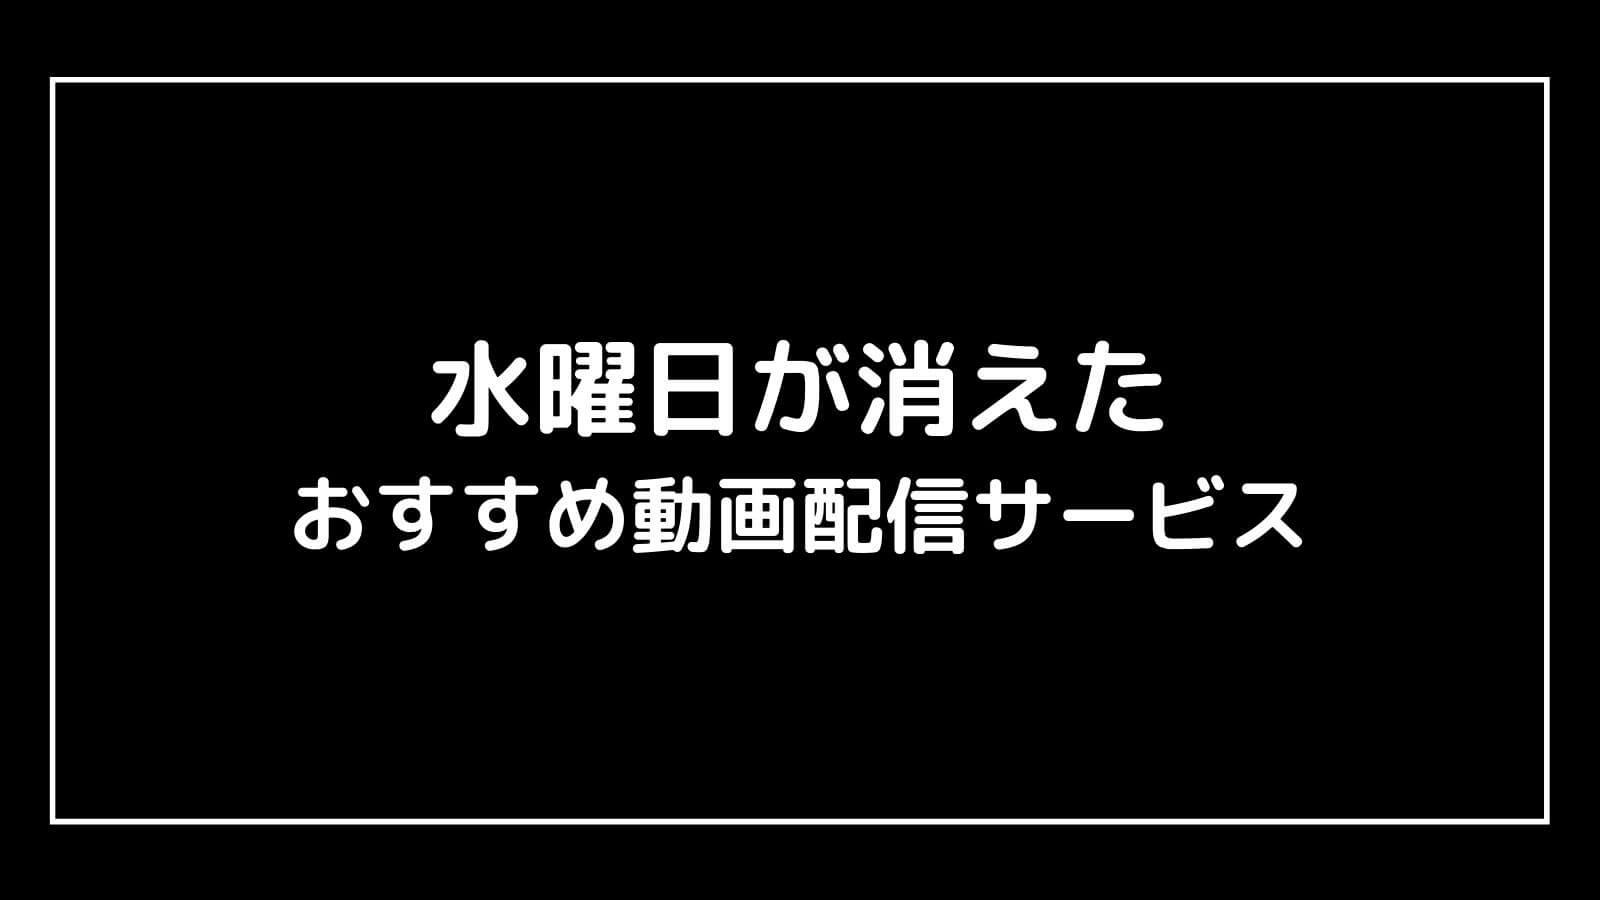 映画『水曜日が消えた』の配信を無料視聴できる動画配信サービス